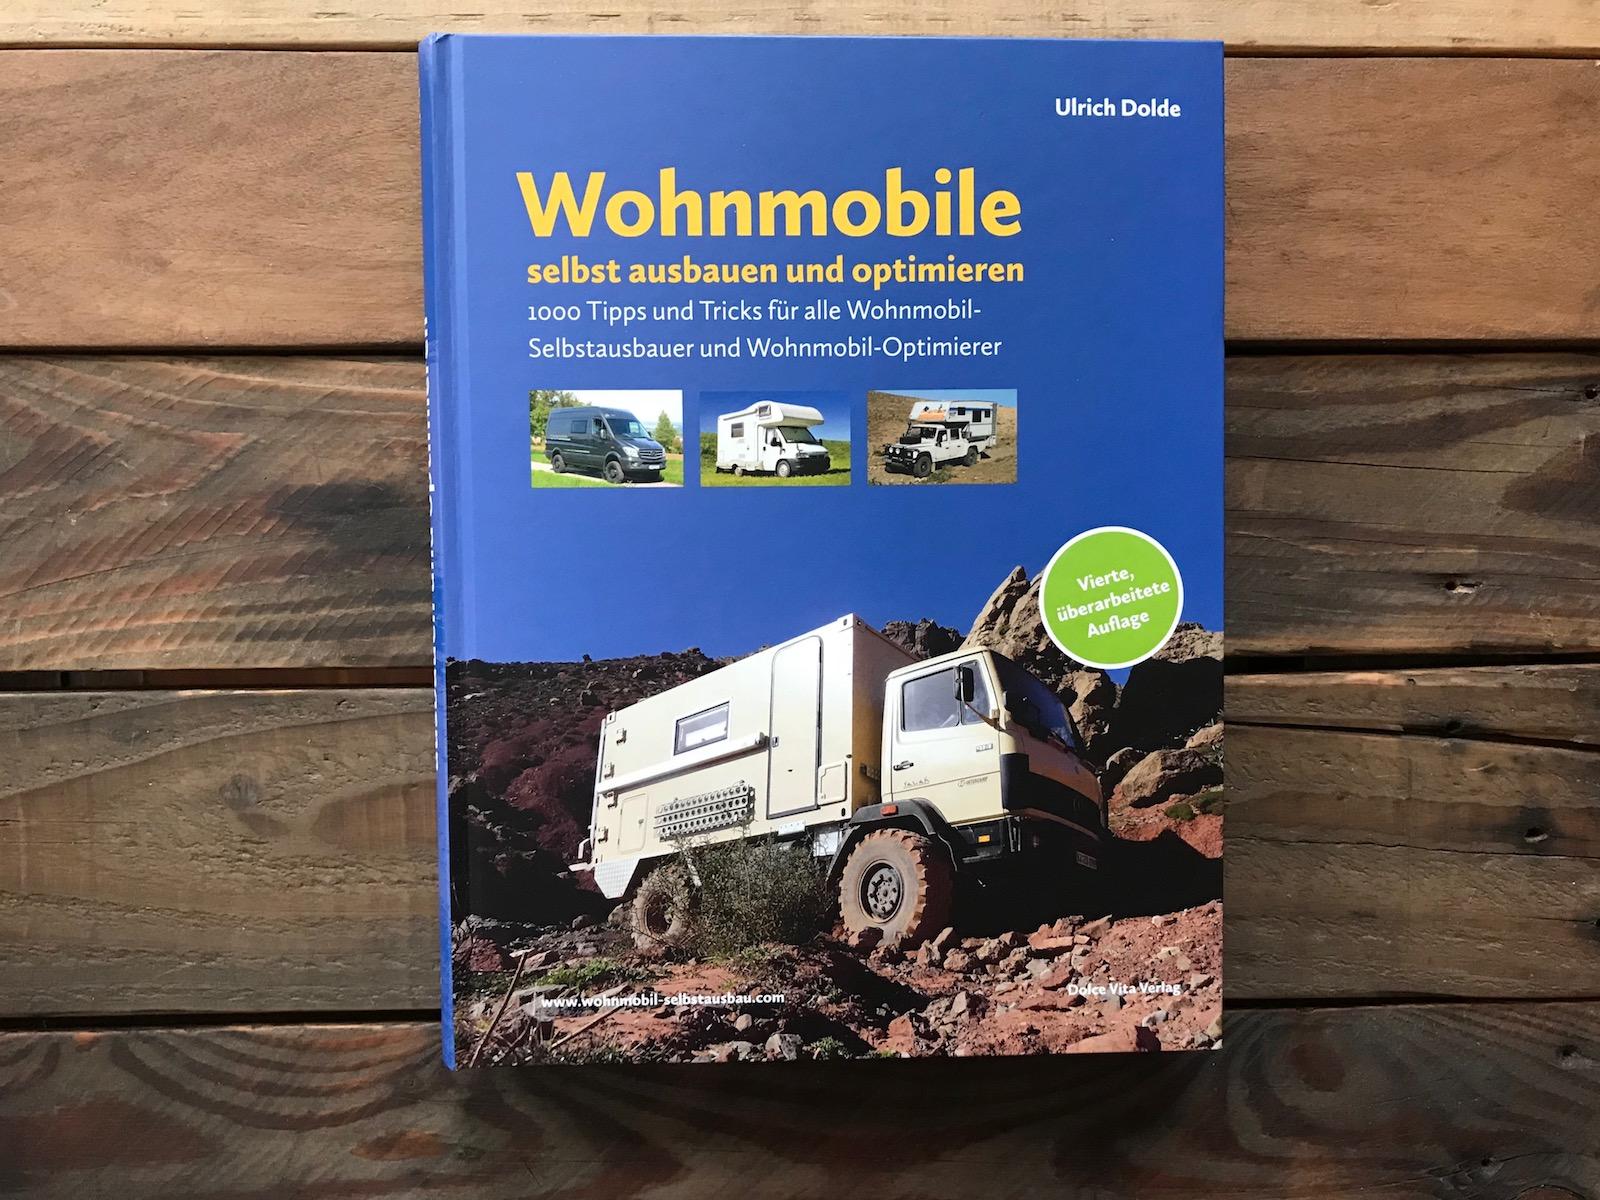 Outdoorküche Buch Buchen : Buch outdoor küche wohnwagen küche erneuern leinwandbild küche